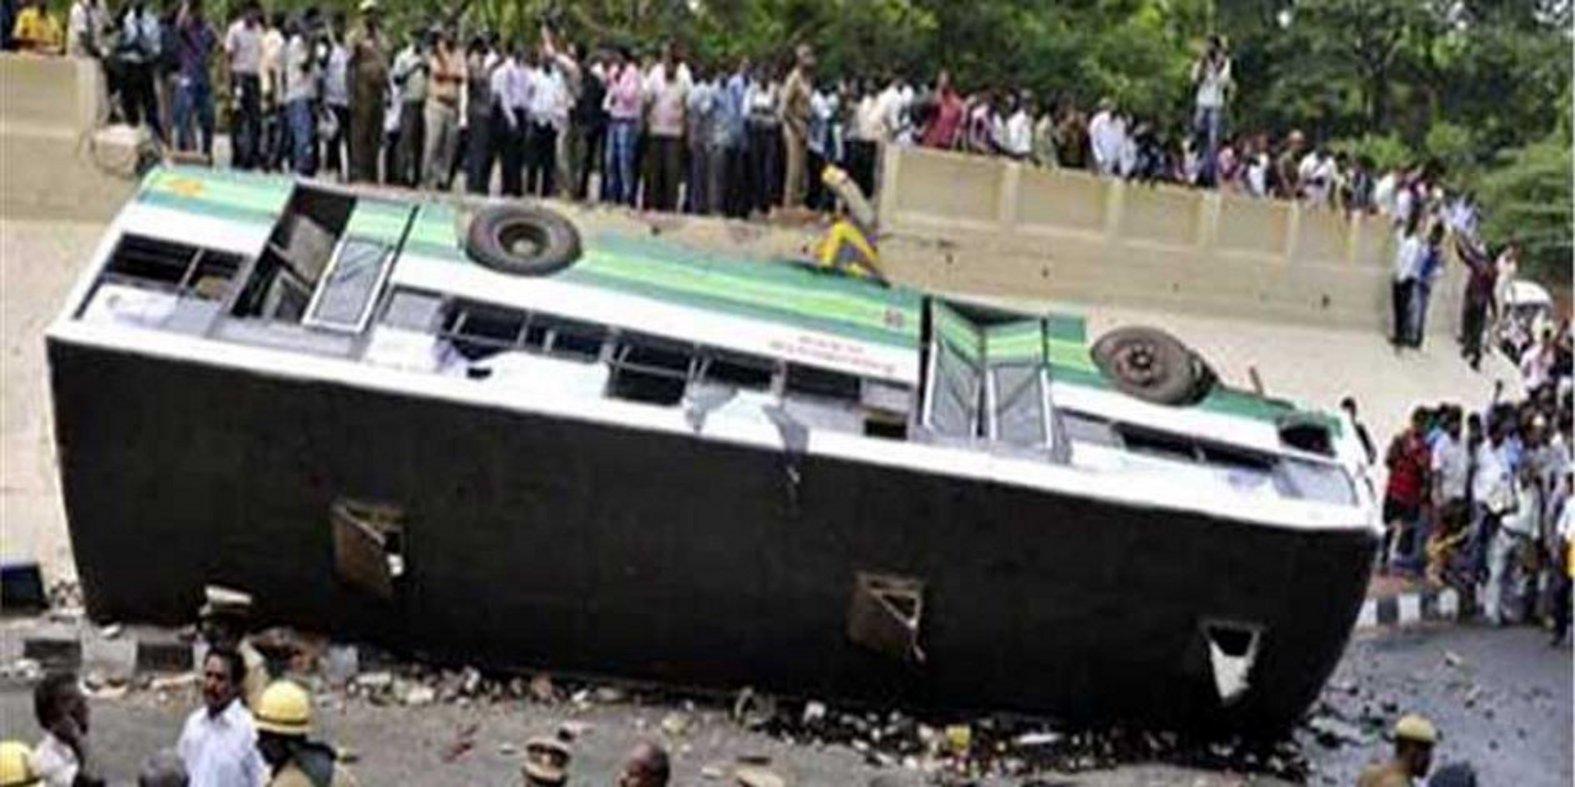 तीर्थयात्रियों से भरी बस पलटी, तीन की मौत